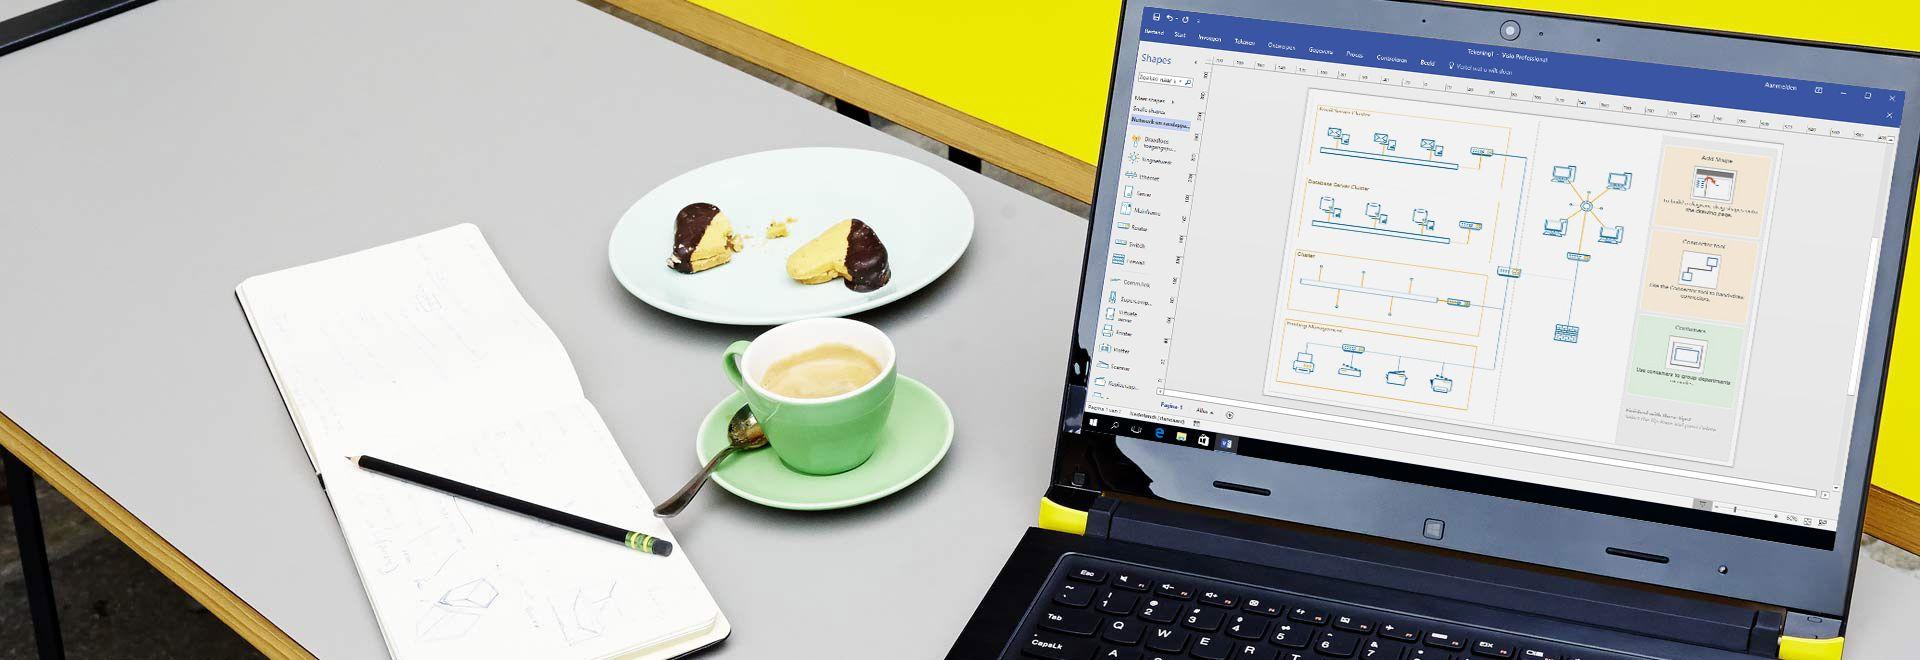 Close-up van een laptop op een tafel, waarop een Visio-diagram wordt weergegeven met het lint Bewerken en een deelvenster